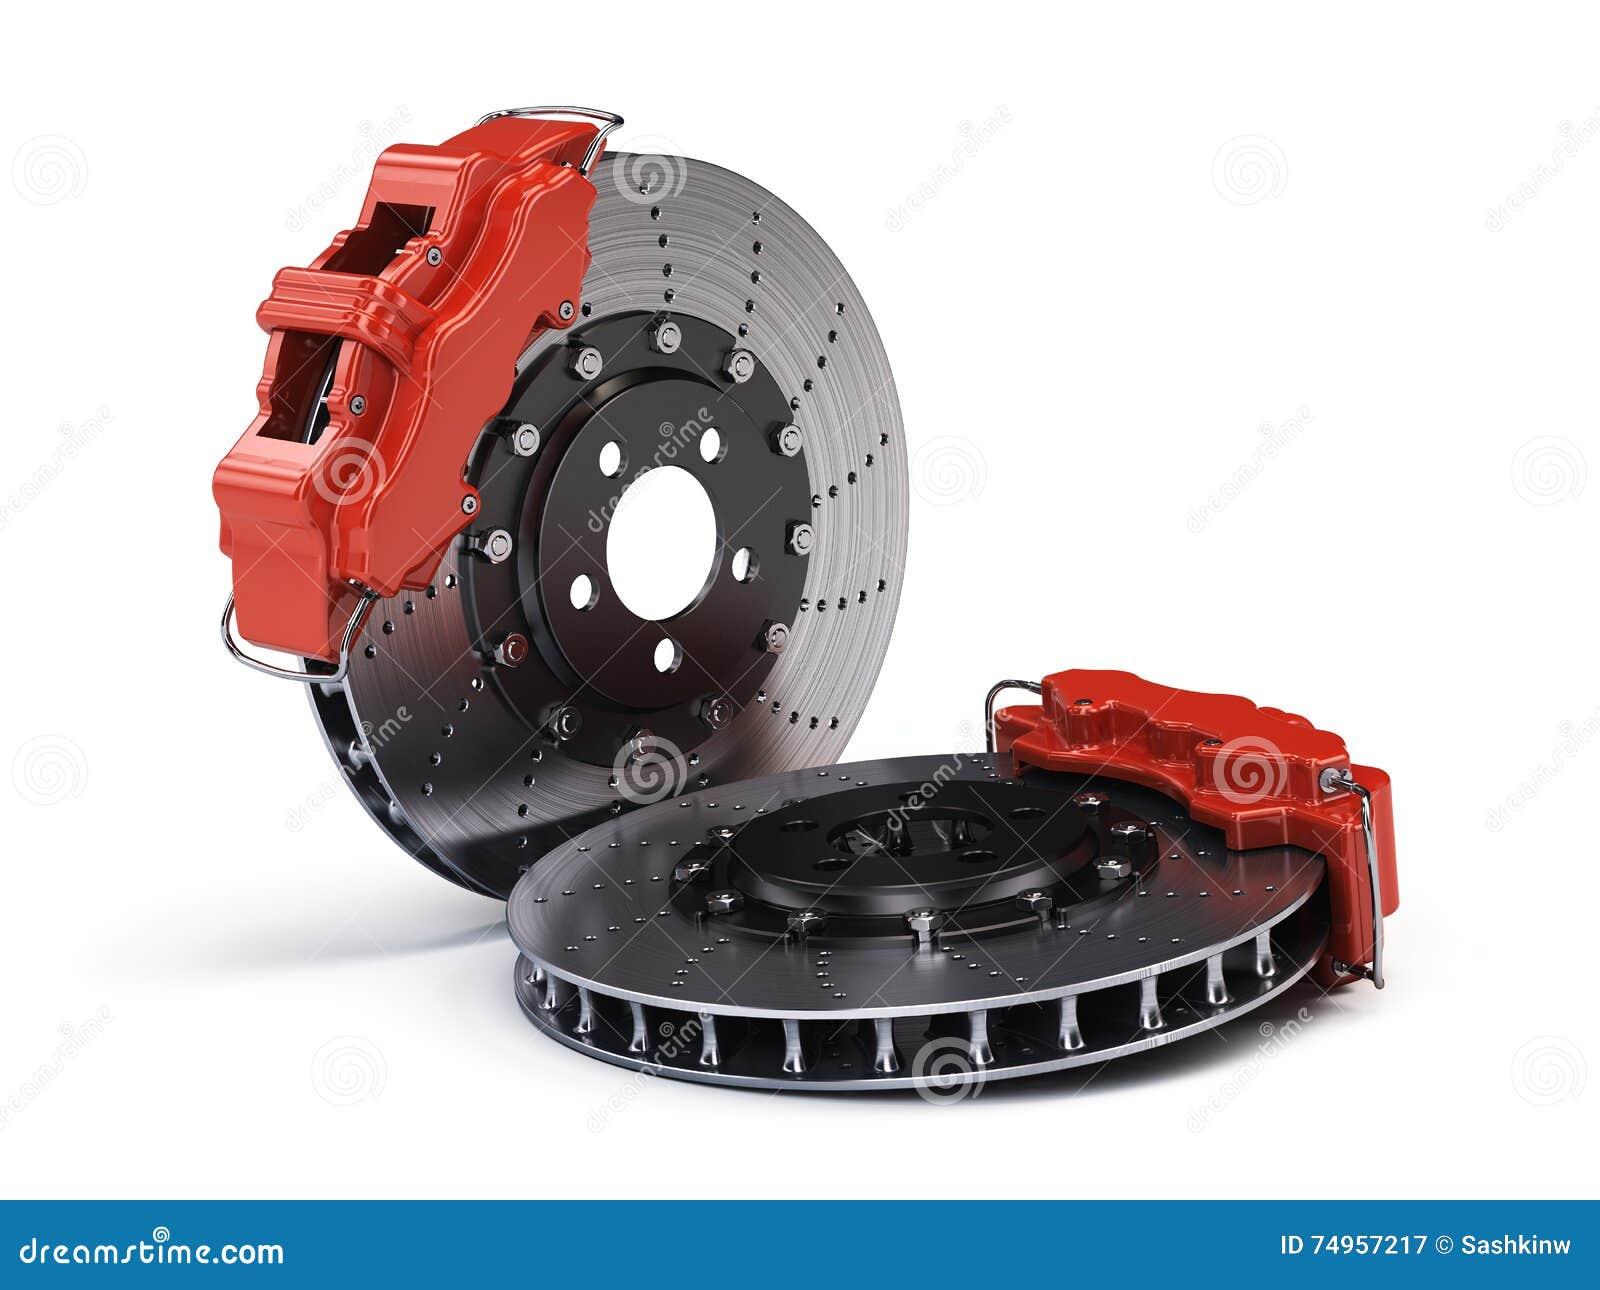 paires de disques de frein avec des calibres de emballage de sport rouge sur le blanc. Black Bedroom Furniture Sets. Home Design Ideas